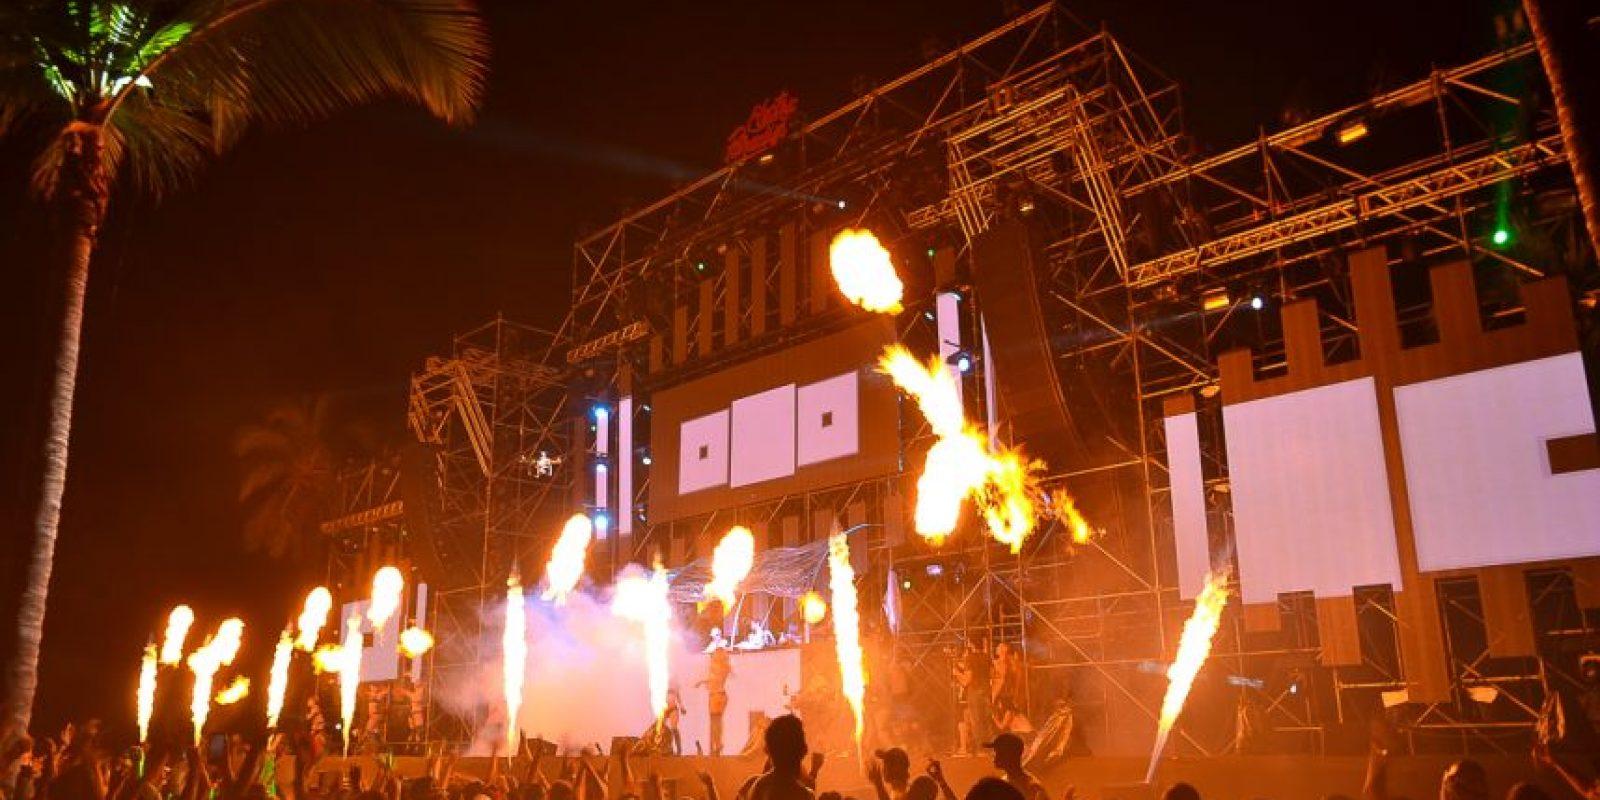 """1. Electric Paradise (diciembre). El festival de música electrónica y alternativa logró reunir más de doce mil personas en Juanillo, Cap Cana. En su segunda edición, este evento musical planteó, por primera vez en el país, cuatro escenarios simultáneos y una amplia cartelera de veintiséis artistas internacionales (la mayoría ganadores de múltiples premios Grammys y MTV, y con importantes posiciones en los listados Top 100 Billboards y DJ Mag top 100). Además de innovar mezclando este género electónico con los sonidos tropicales de la agrupación""""Los Bonyé"""" (son) y la banda """"Retro Jazz"""". Foto:Fuente externa"""